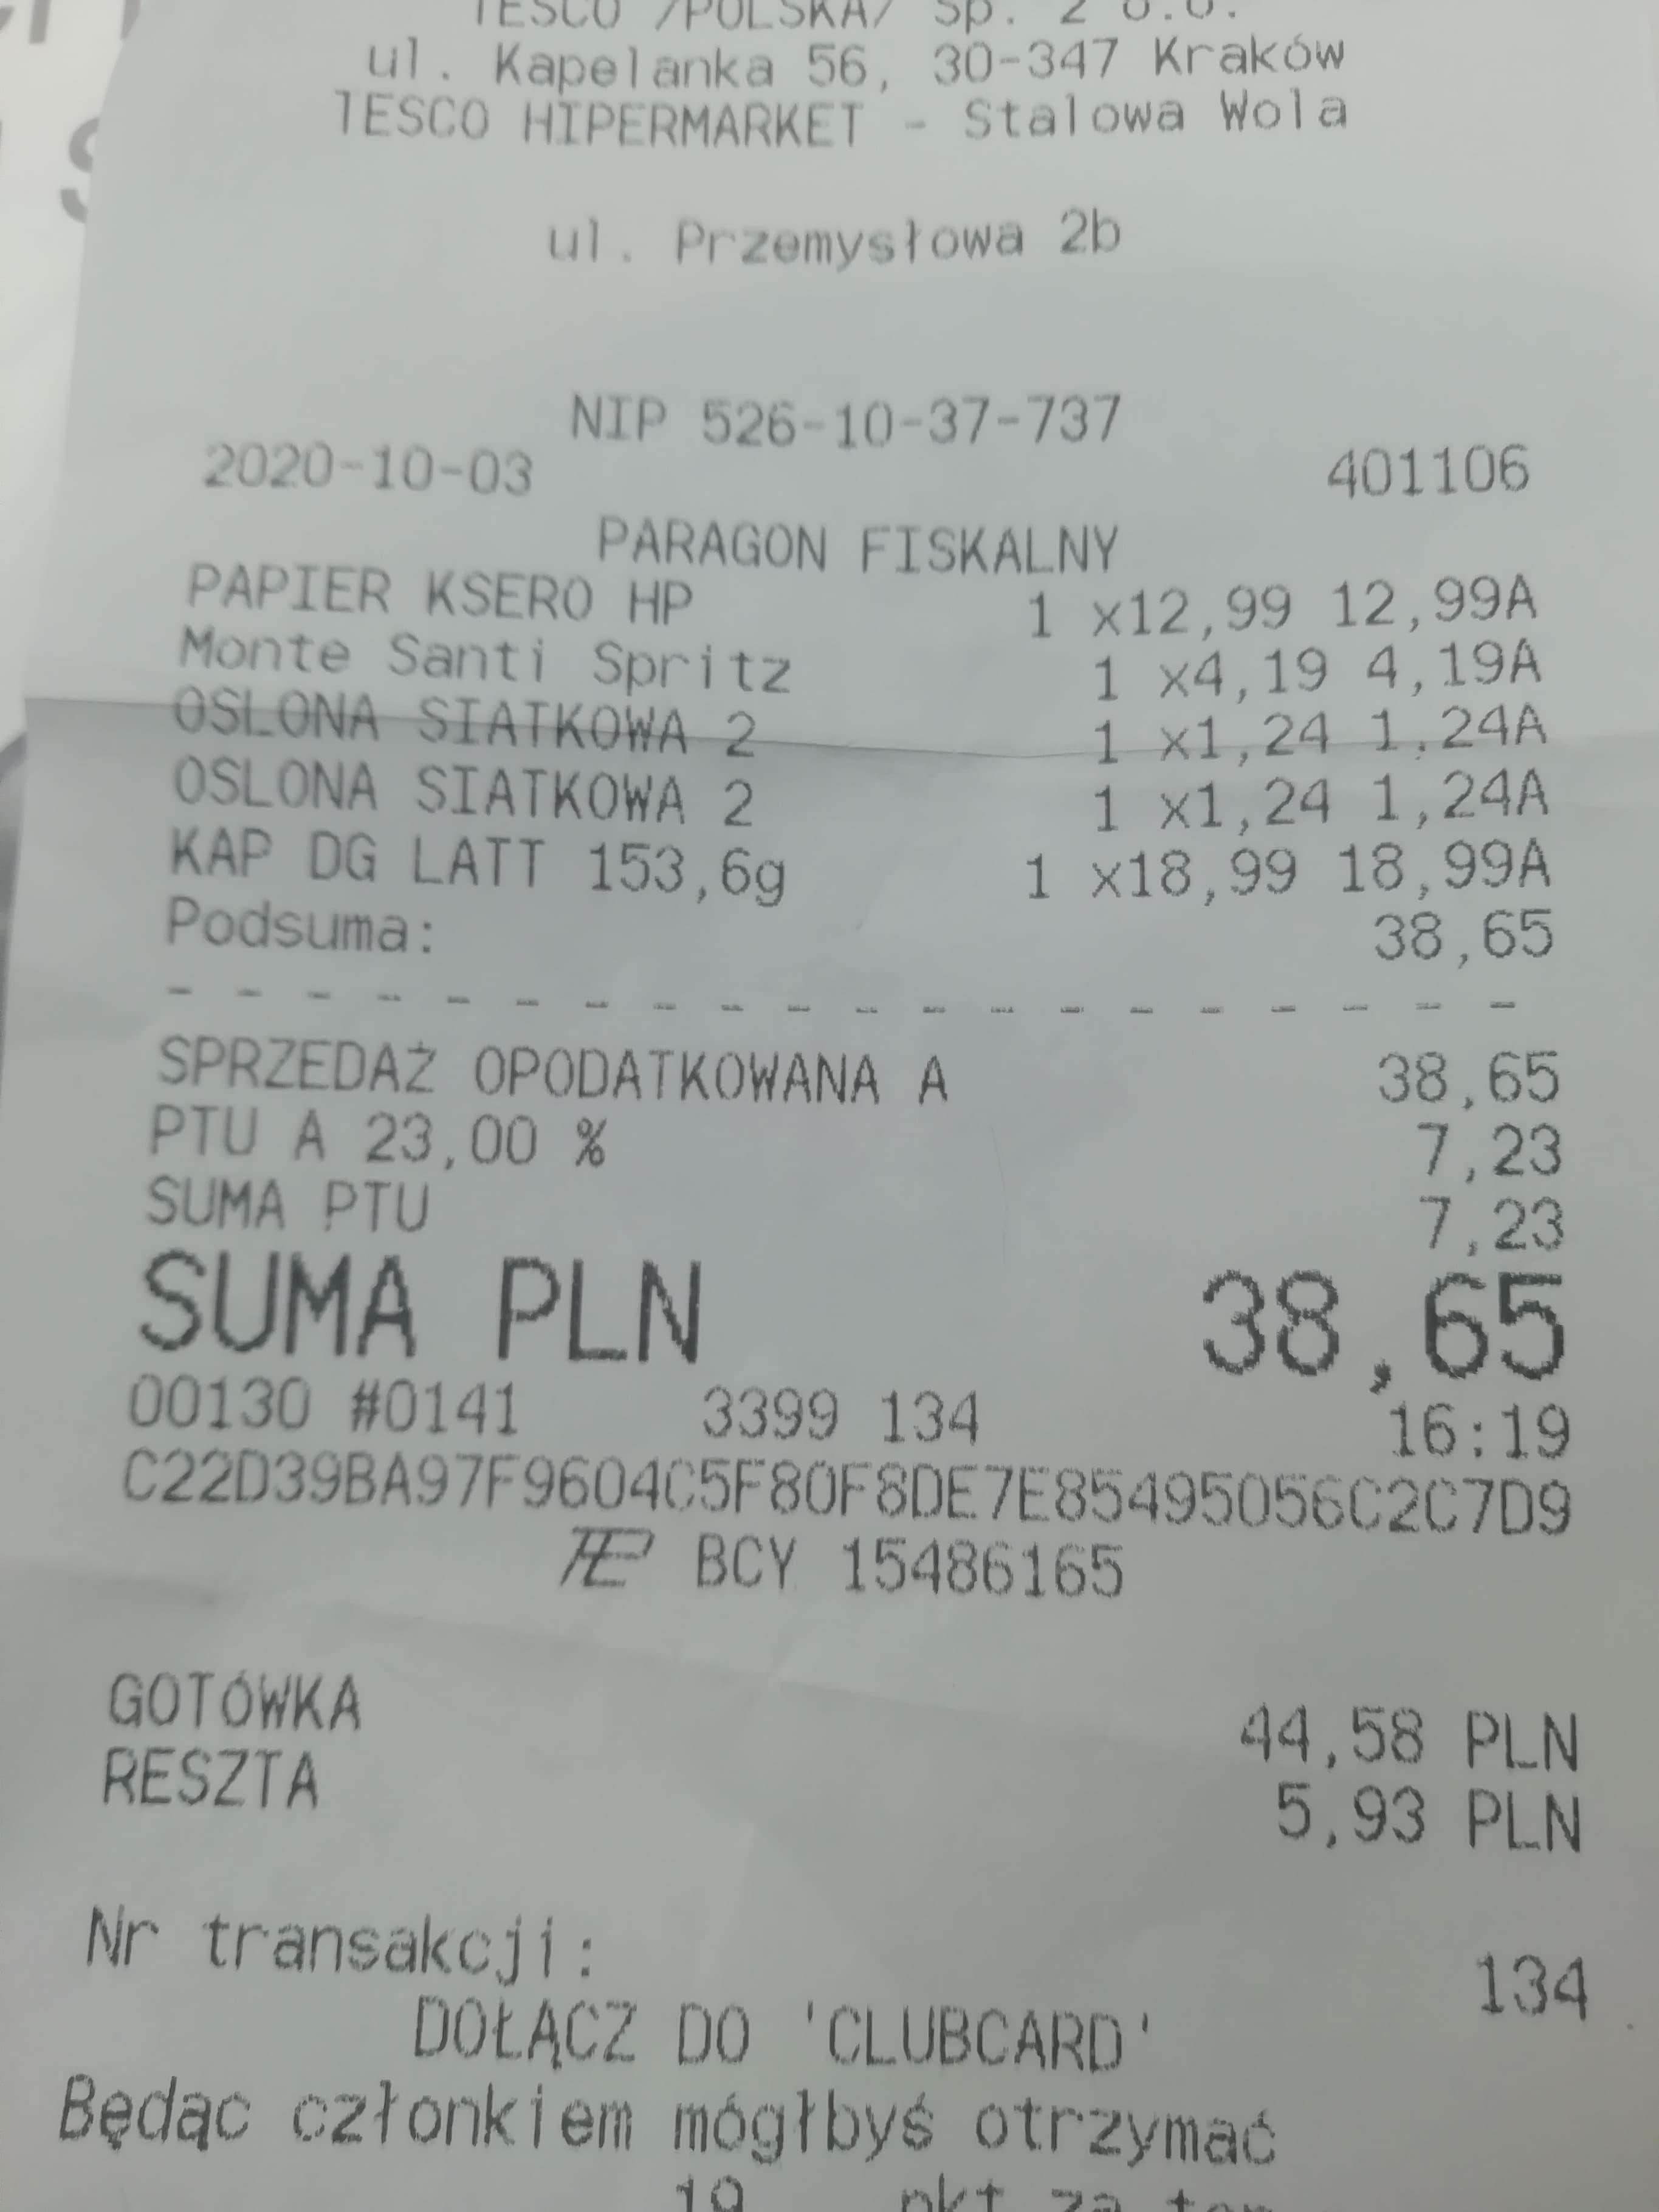 304824.jpg